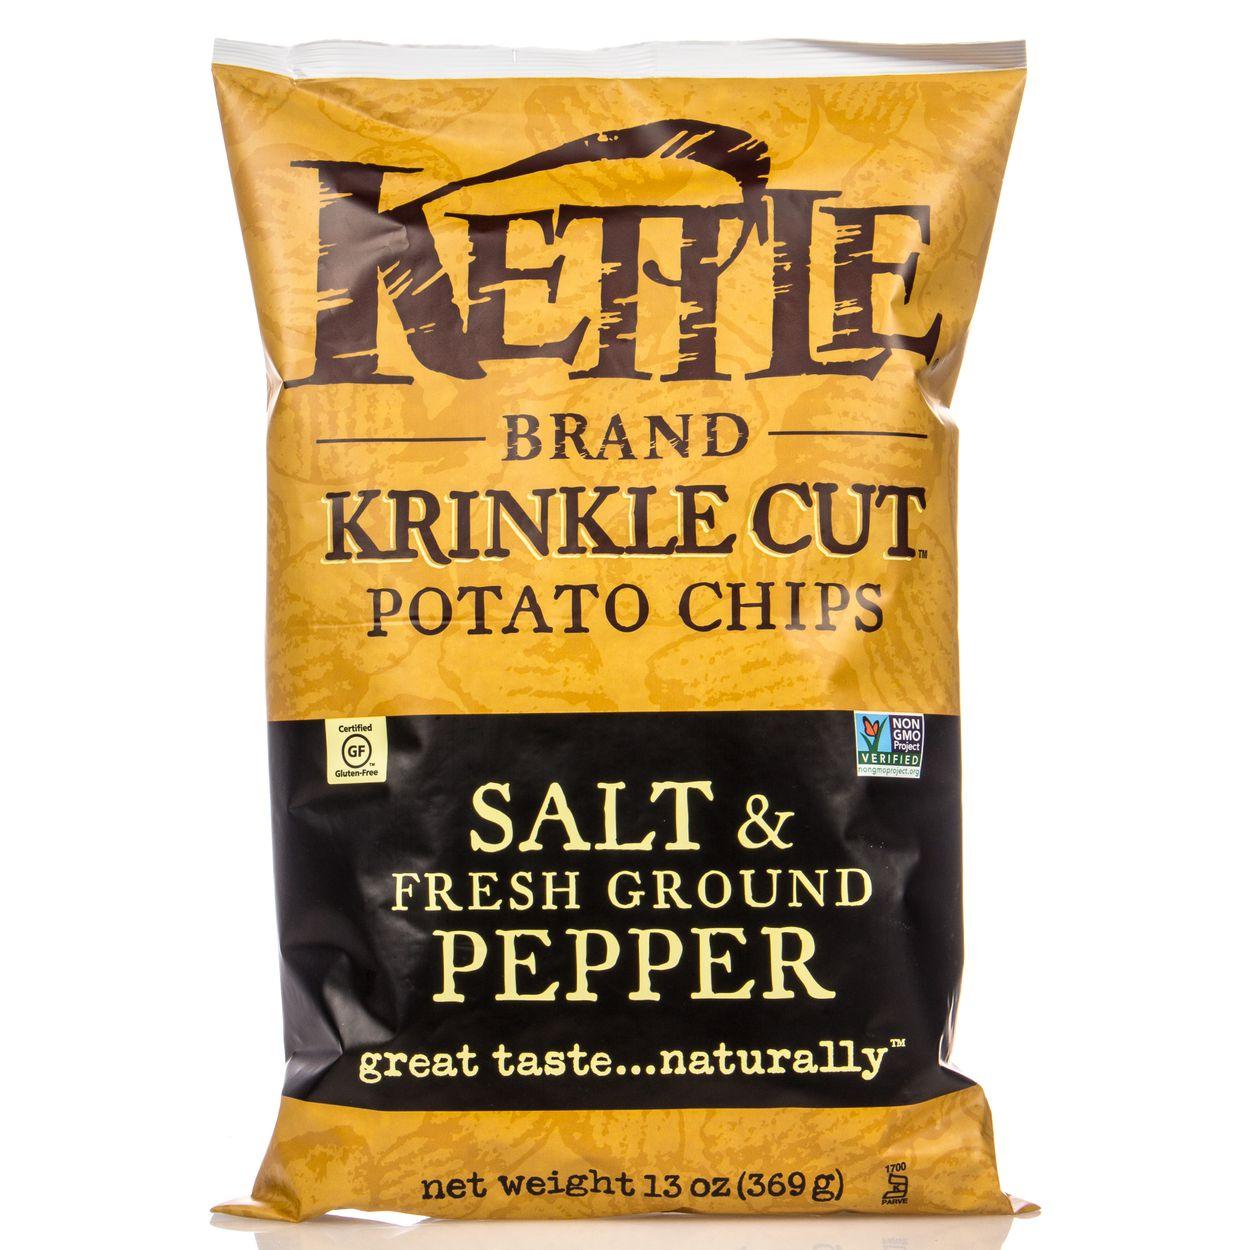 Kettle Brand - Potato Chips, Salt & Fresh Ground Pepper